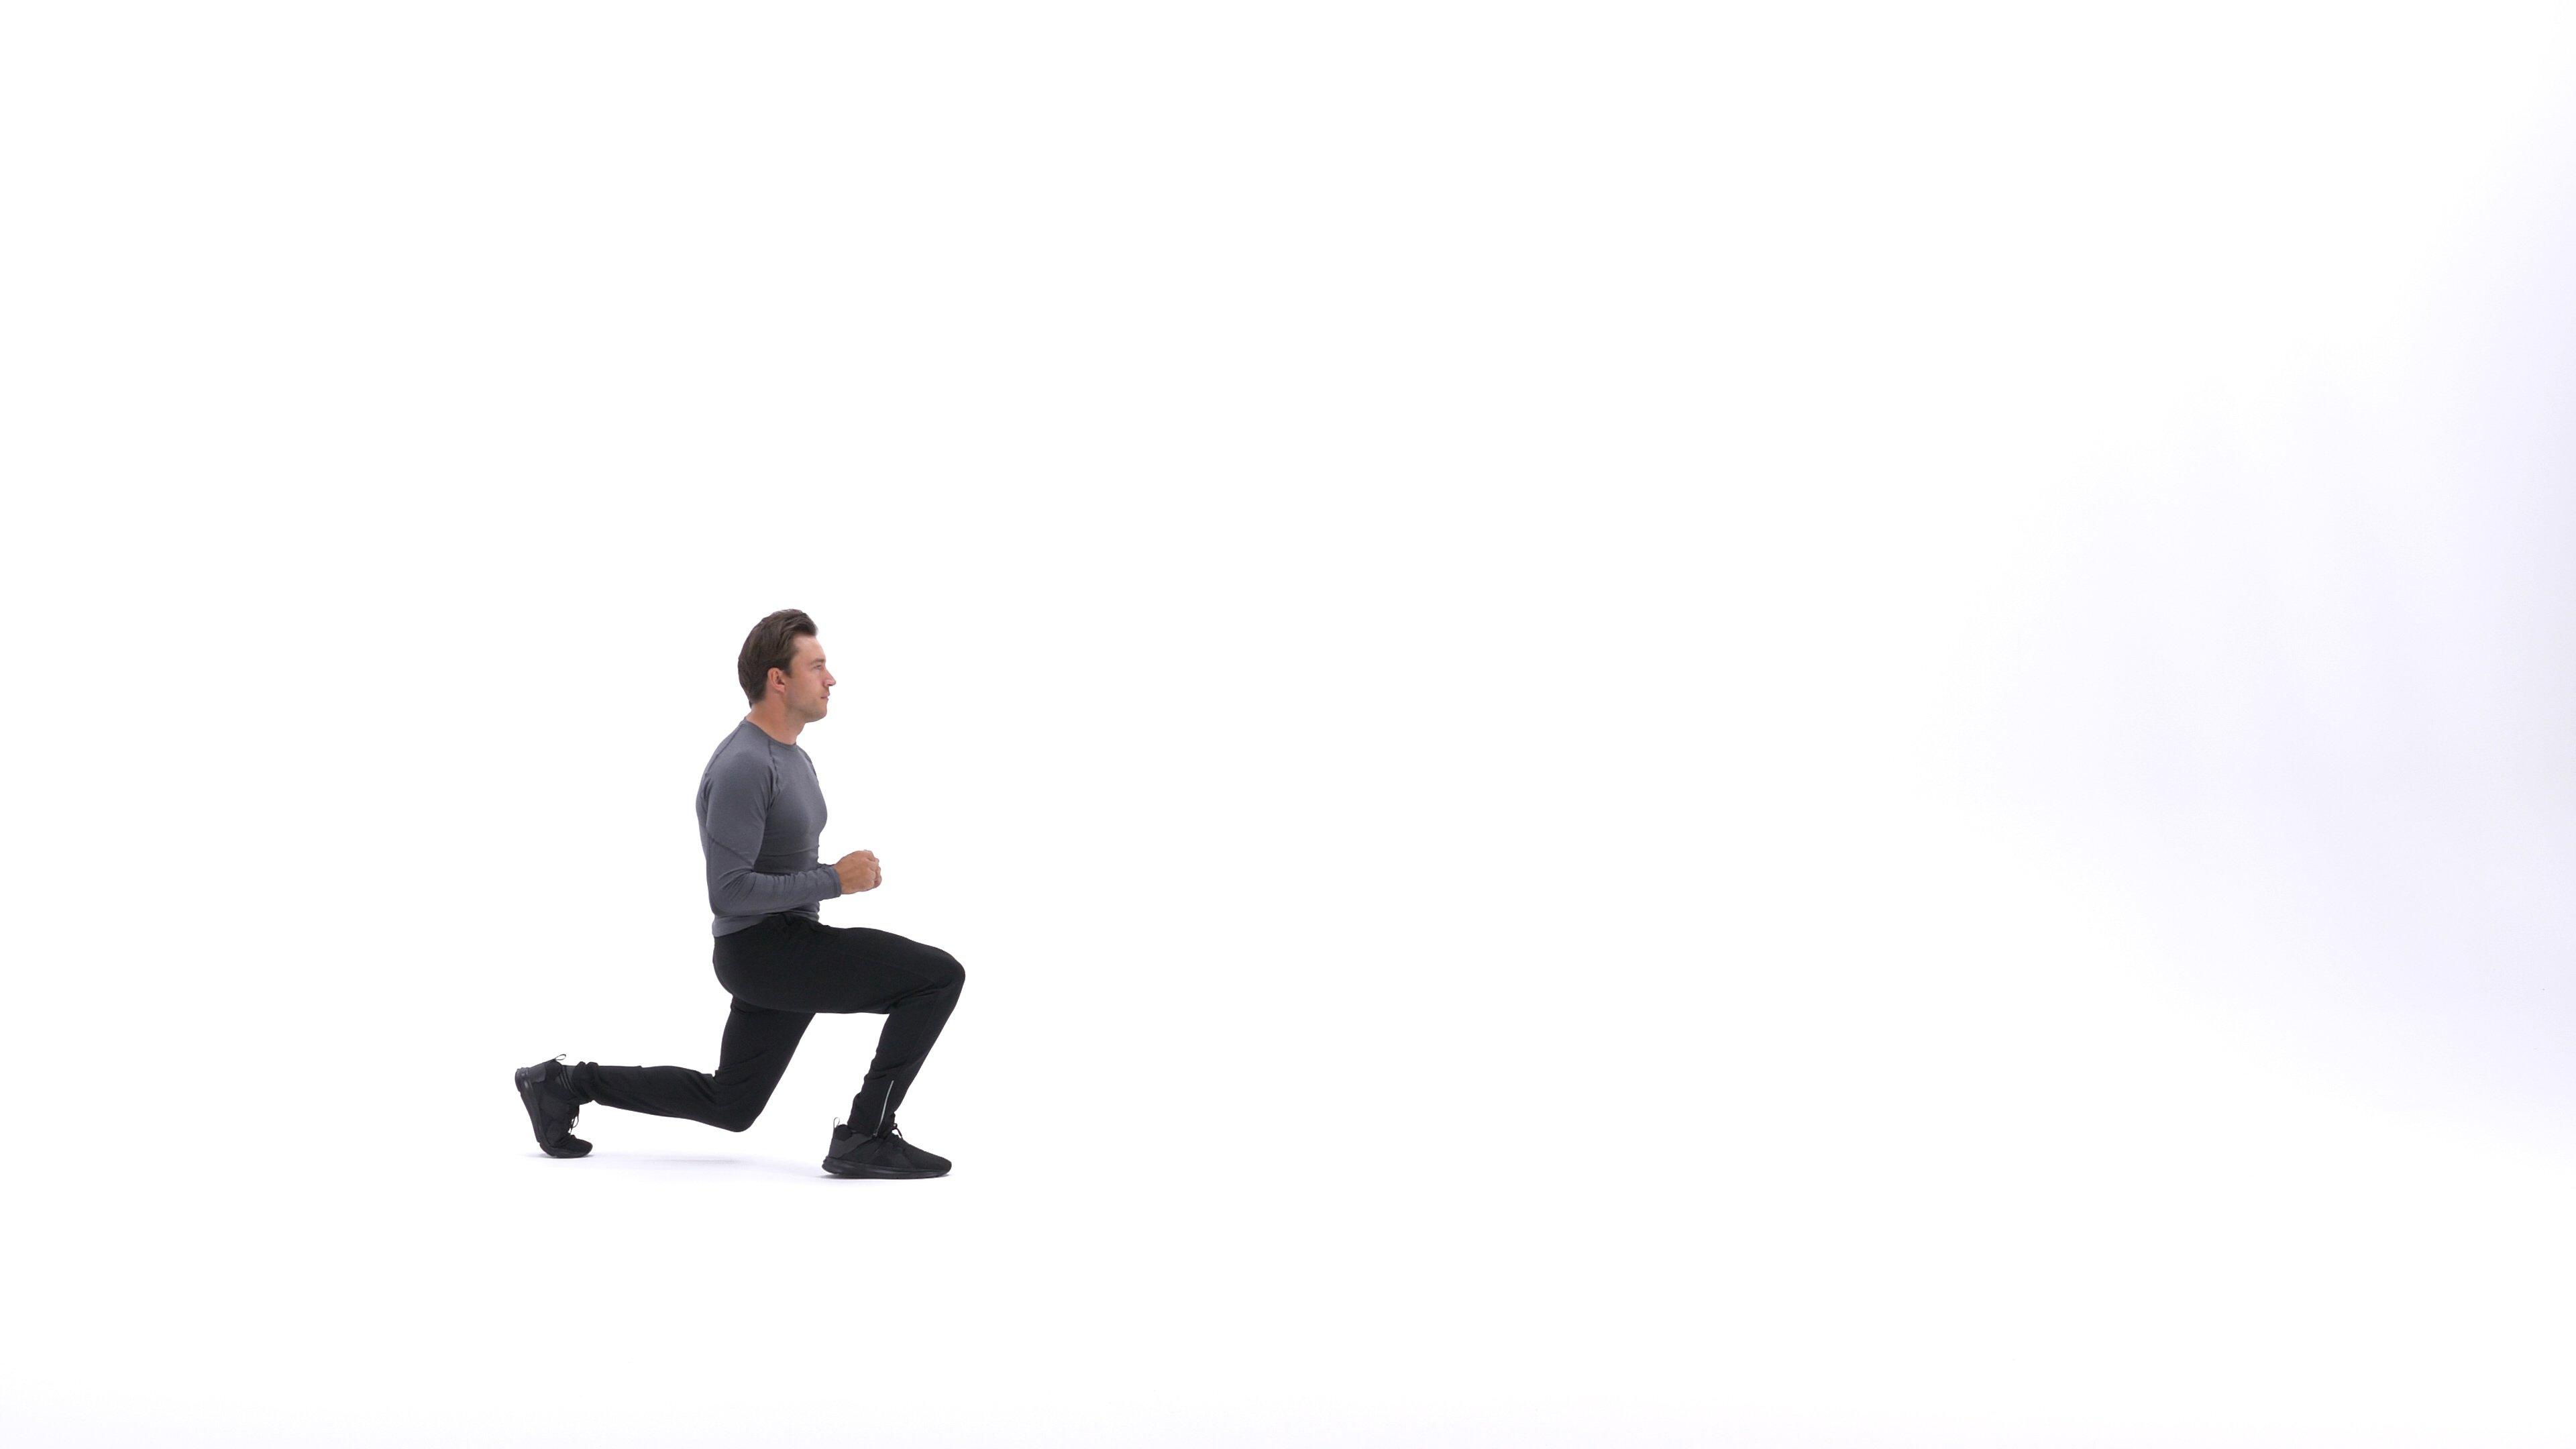 Walking lunge image